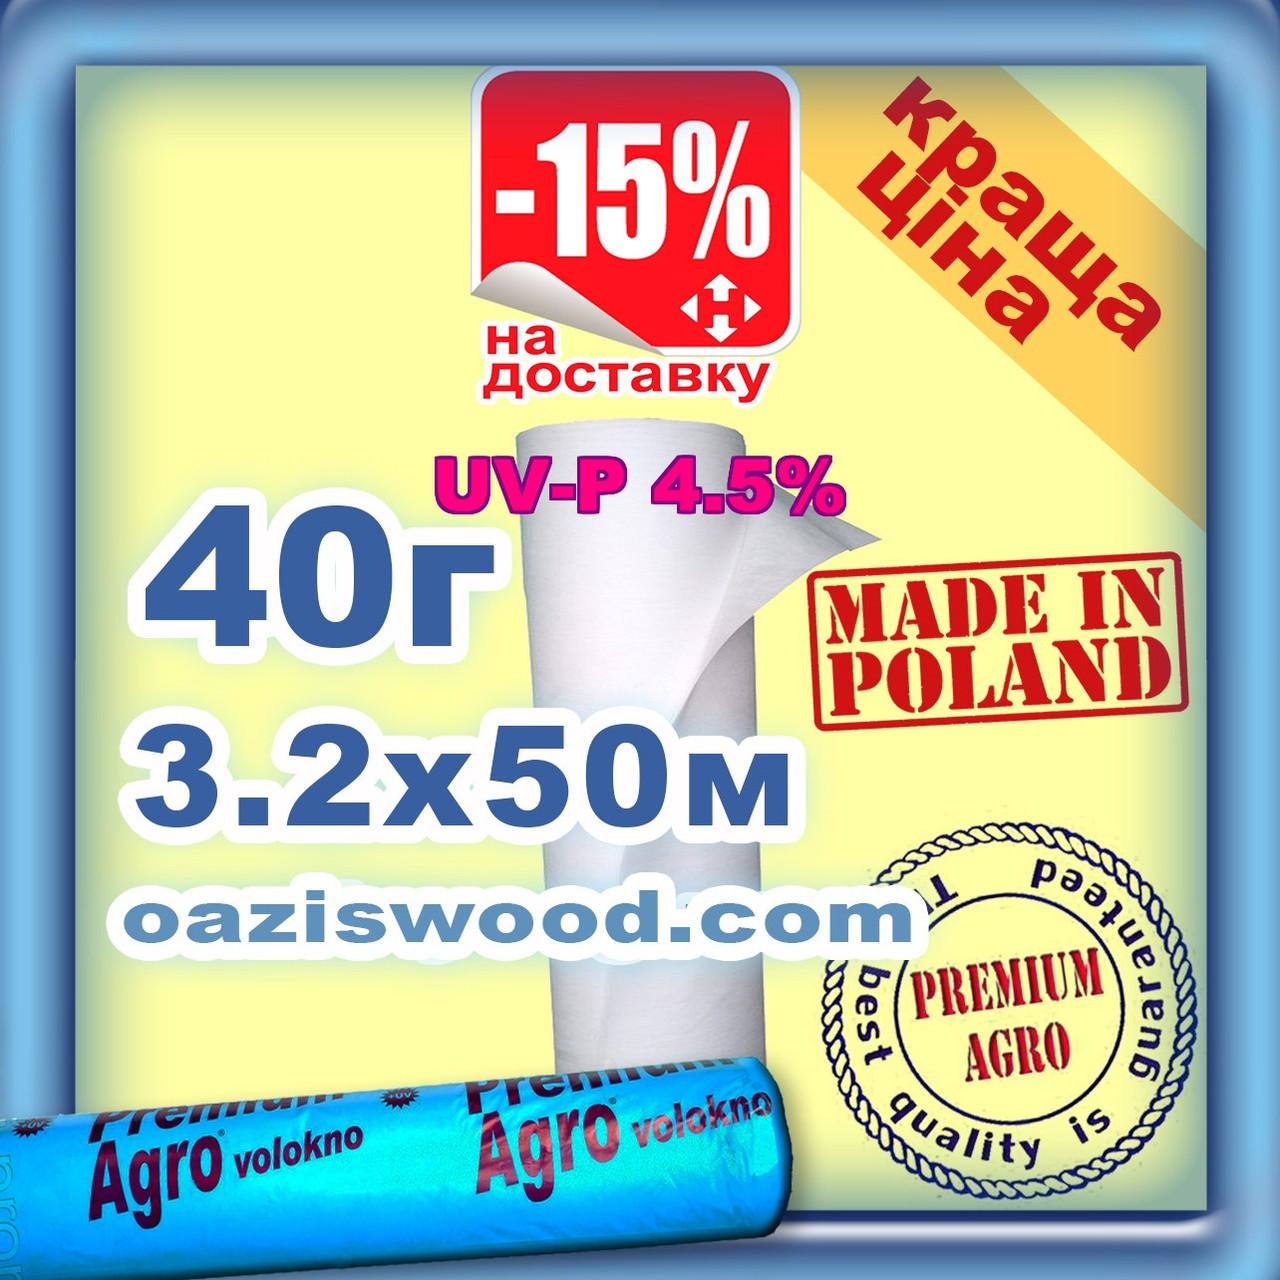 Агроволокно р-40g 3,2*50м белое UV-P 4.5% Premium-Agro Польша